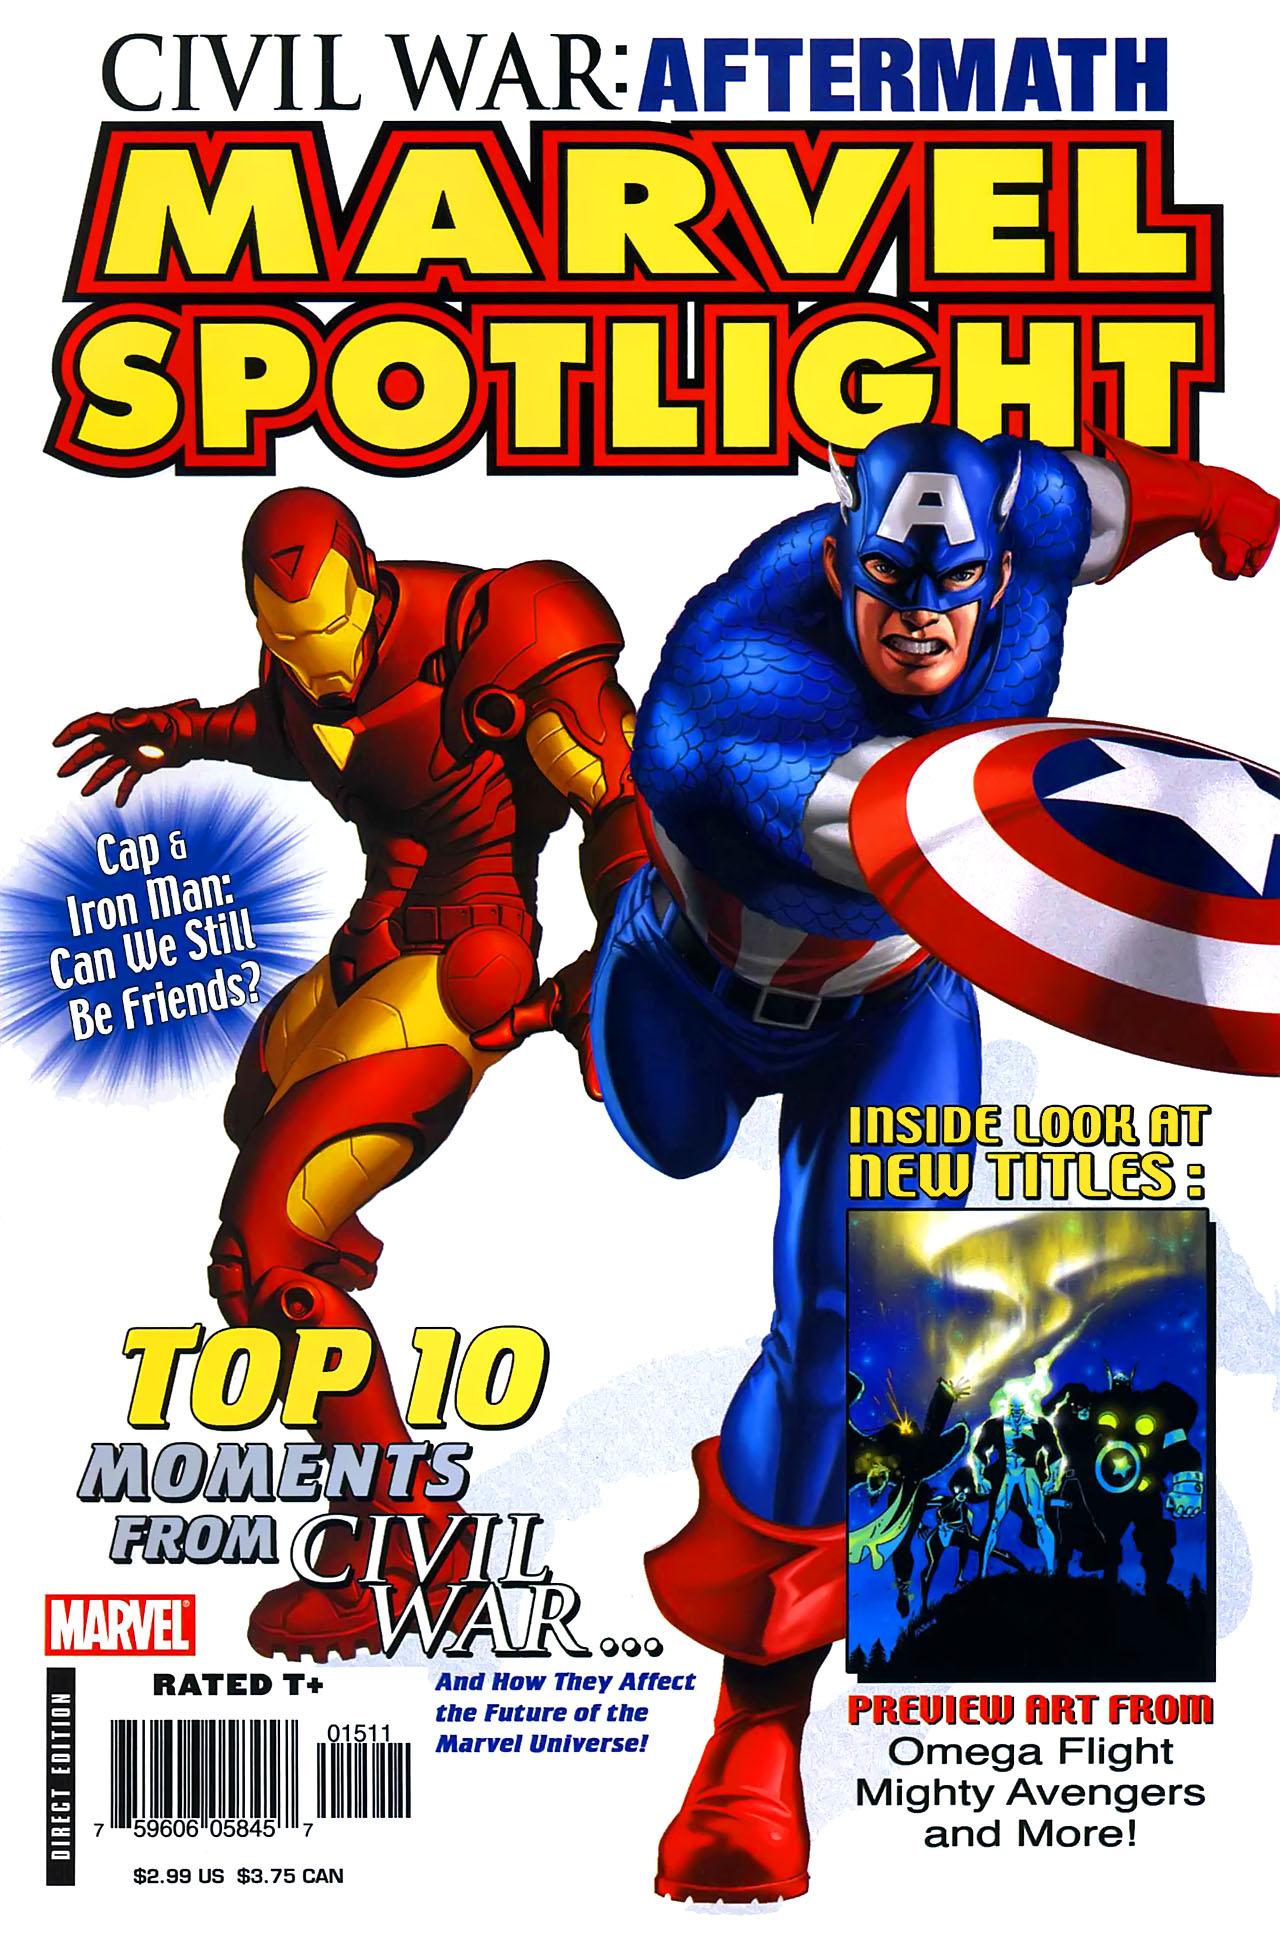 Marvel Spotlight: Civil War Aftermath Vol 1